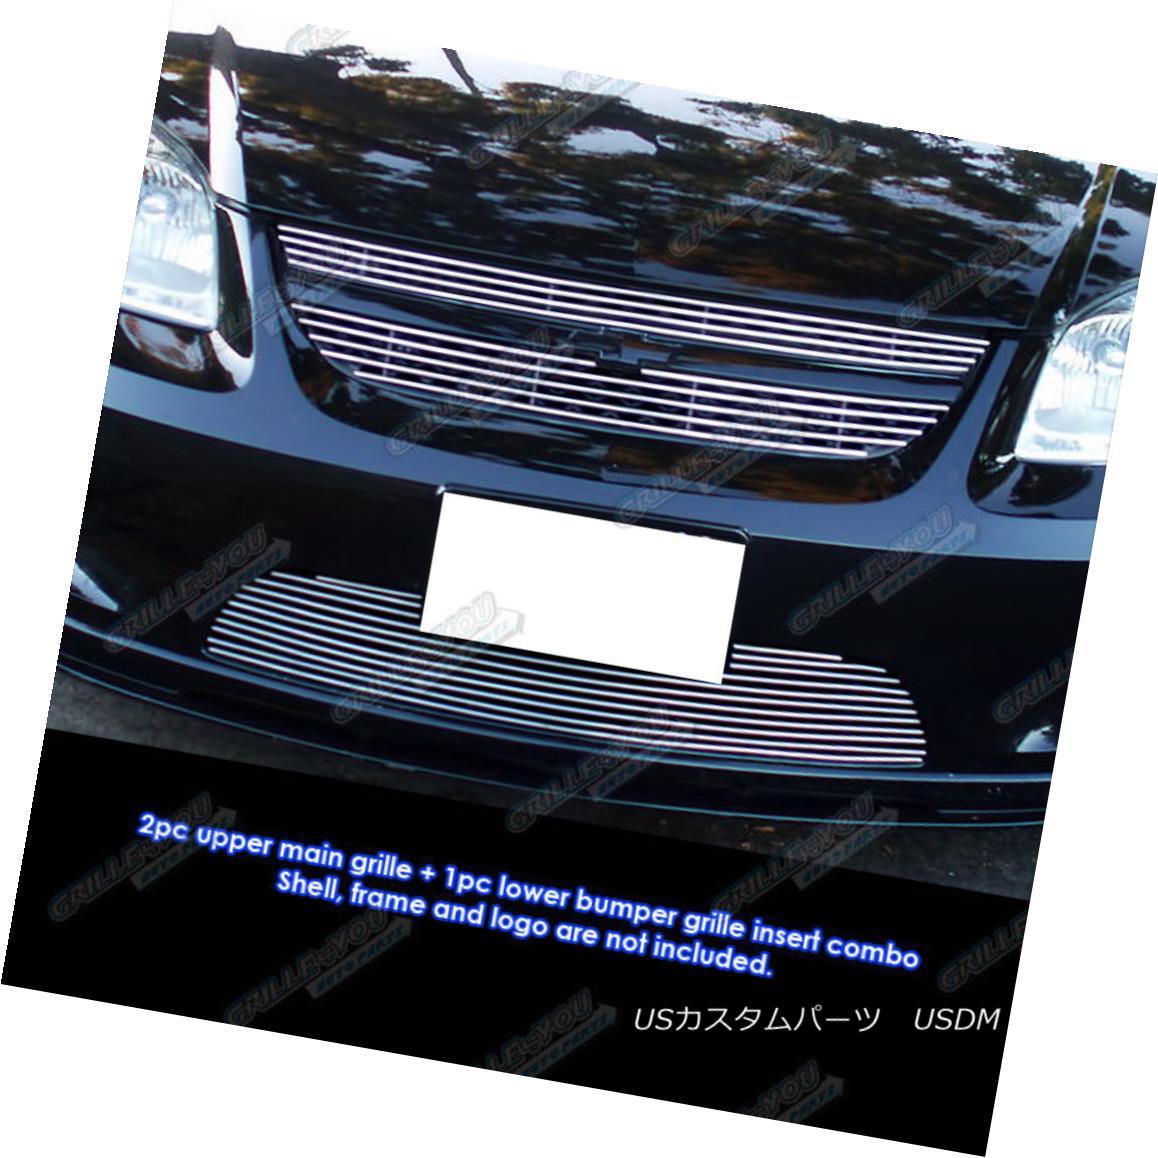 グリル Fits 05-10 Chevy Cobalt SS/ Sport Billet Grille Combo フィット05-10シボレーコバルトSS /スポーツビレットグリルコンボ